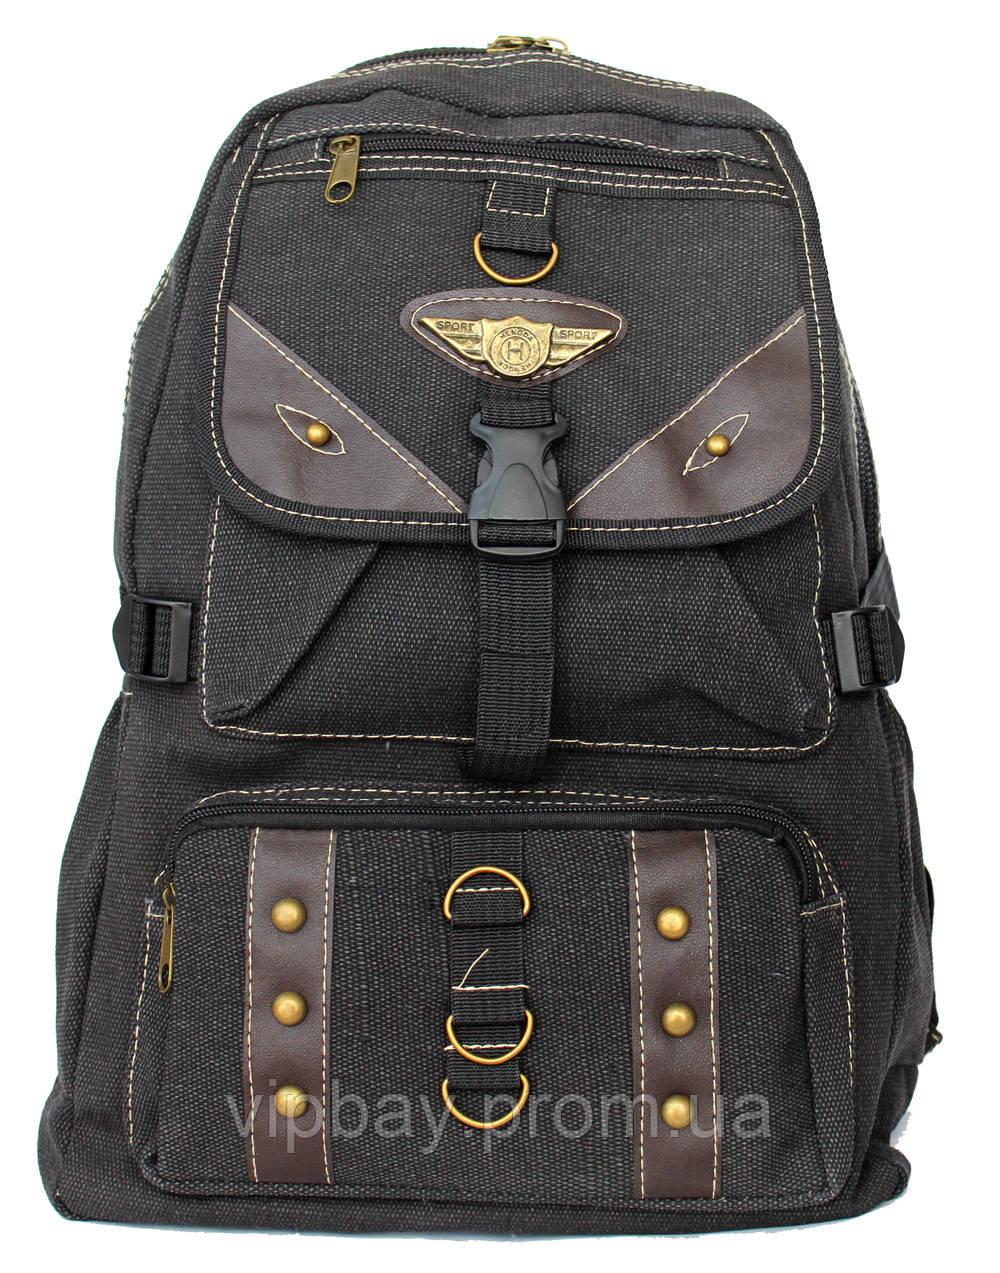 Тканинний спортивний міцний рюкзак чорного кольору (9190ч)